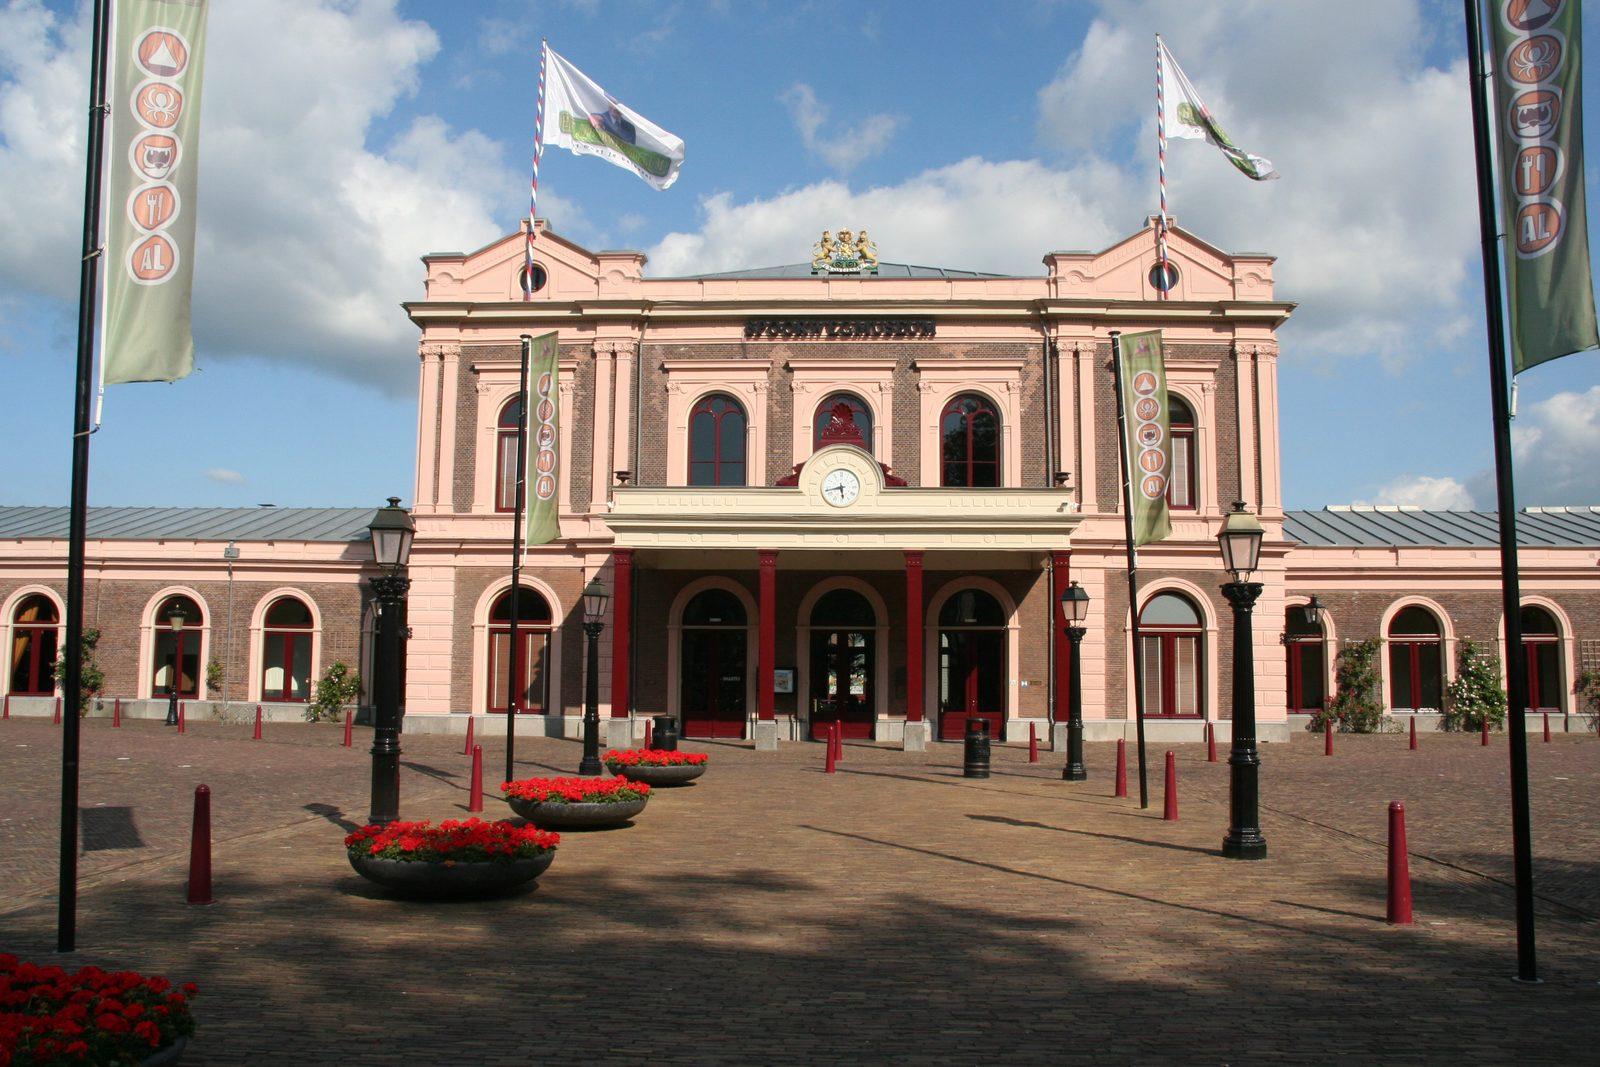 Railroads museum